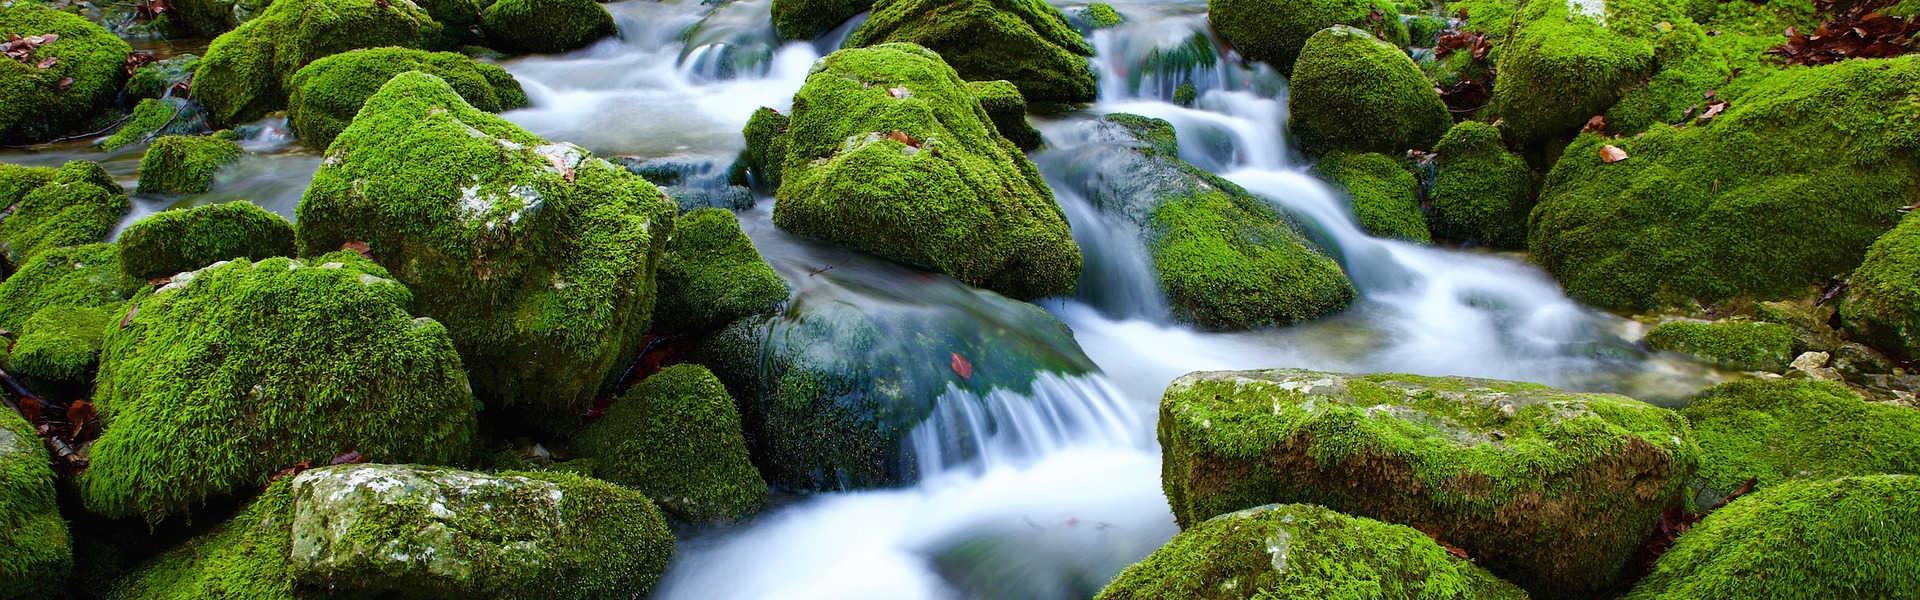 Kulinarik - Alpenquellwasser - Headerbild